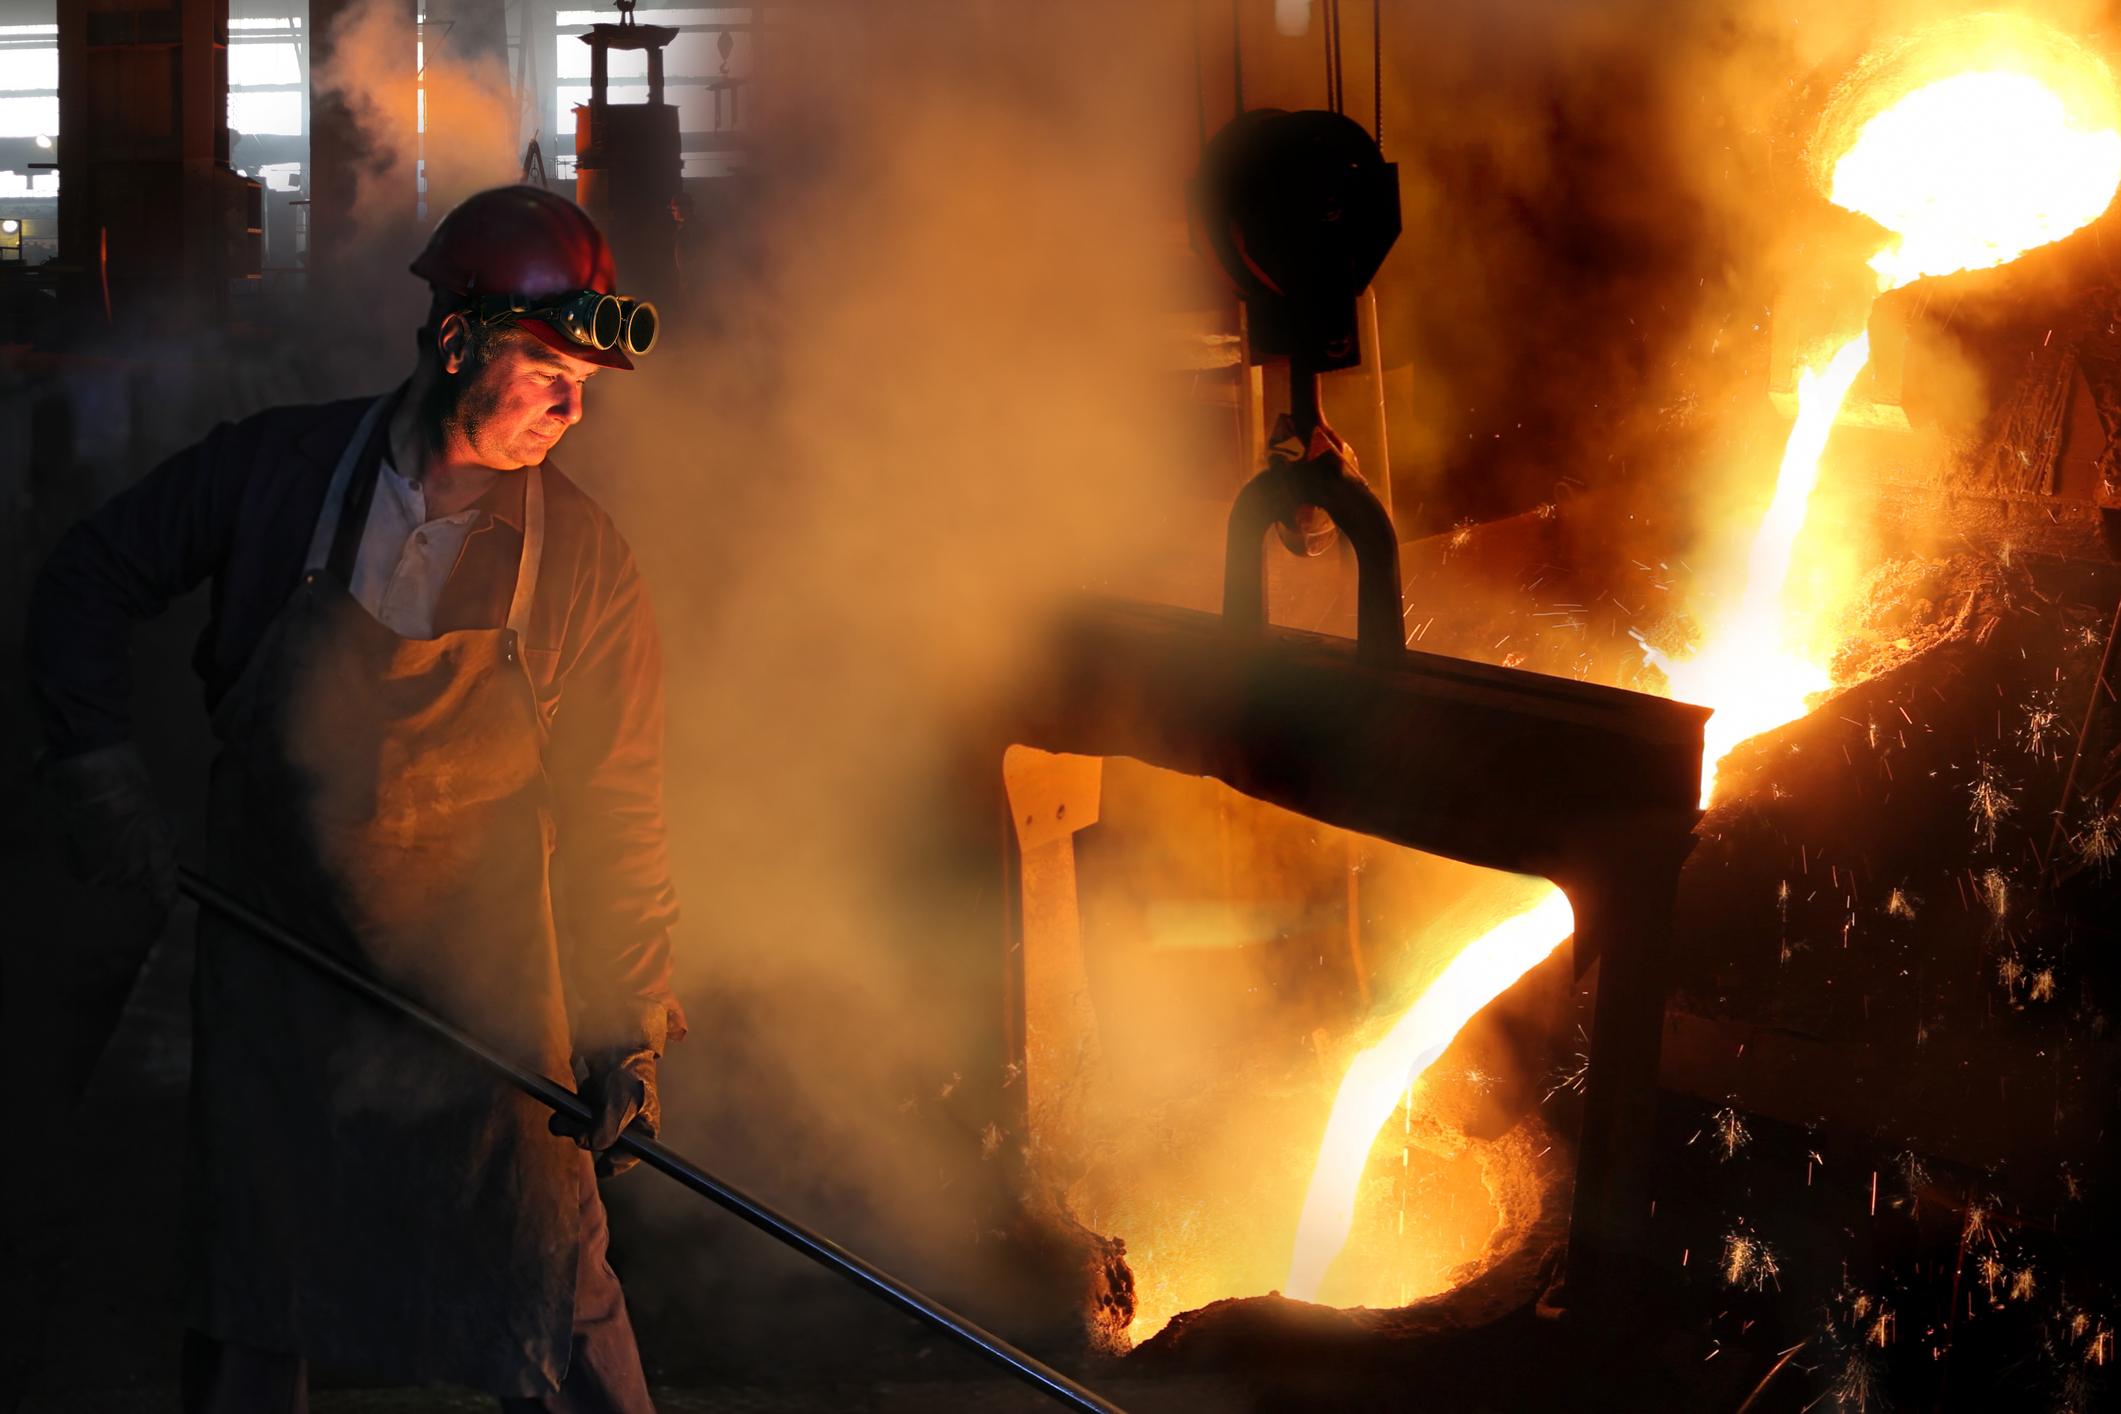 A steel worker working in a steel mill